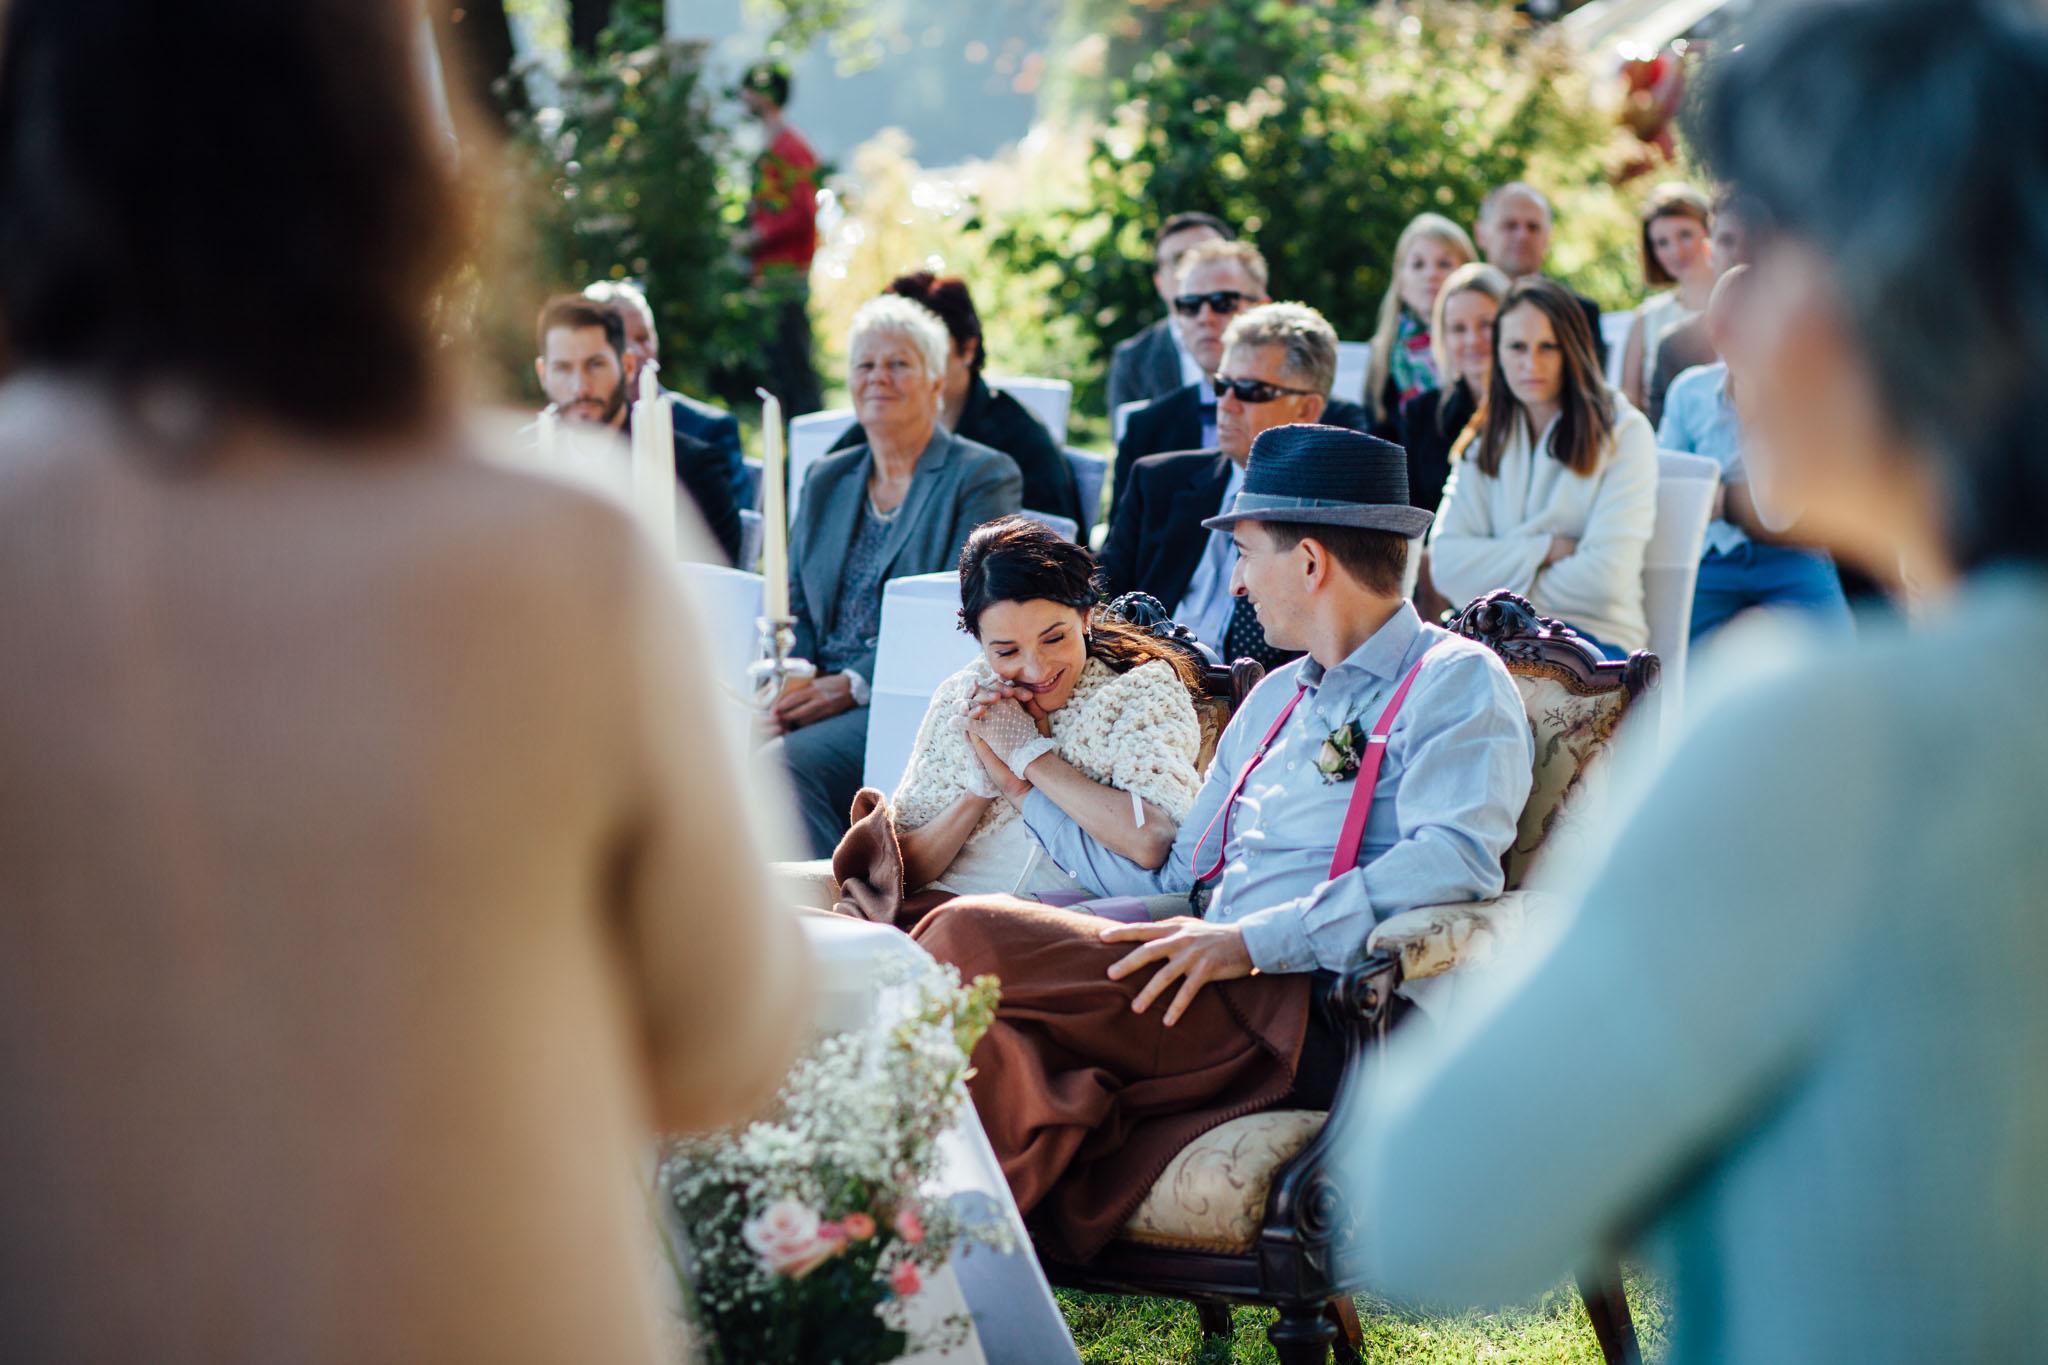 hochzeitsfeier-werbellinsee-hochzeitsreportage-brandenburg